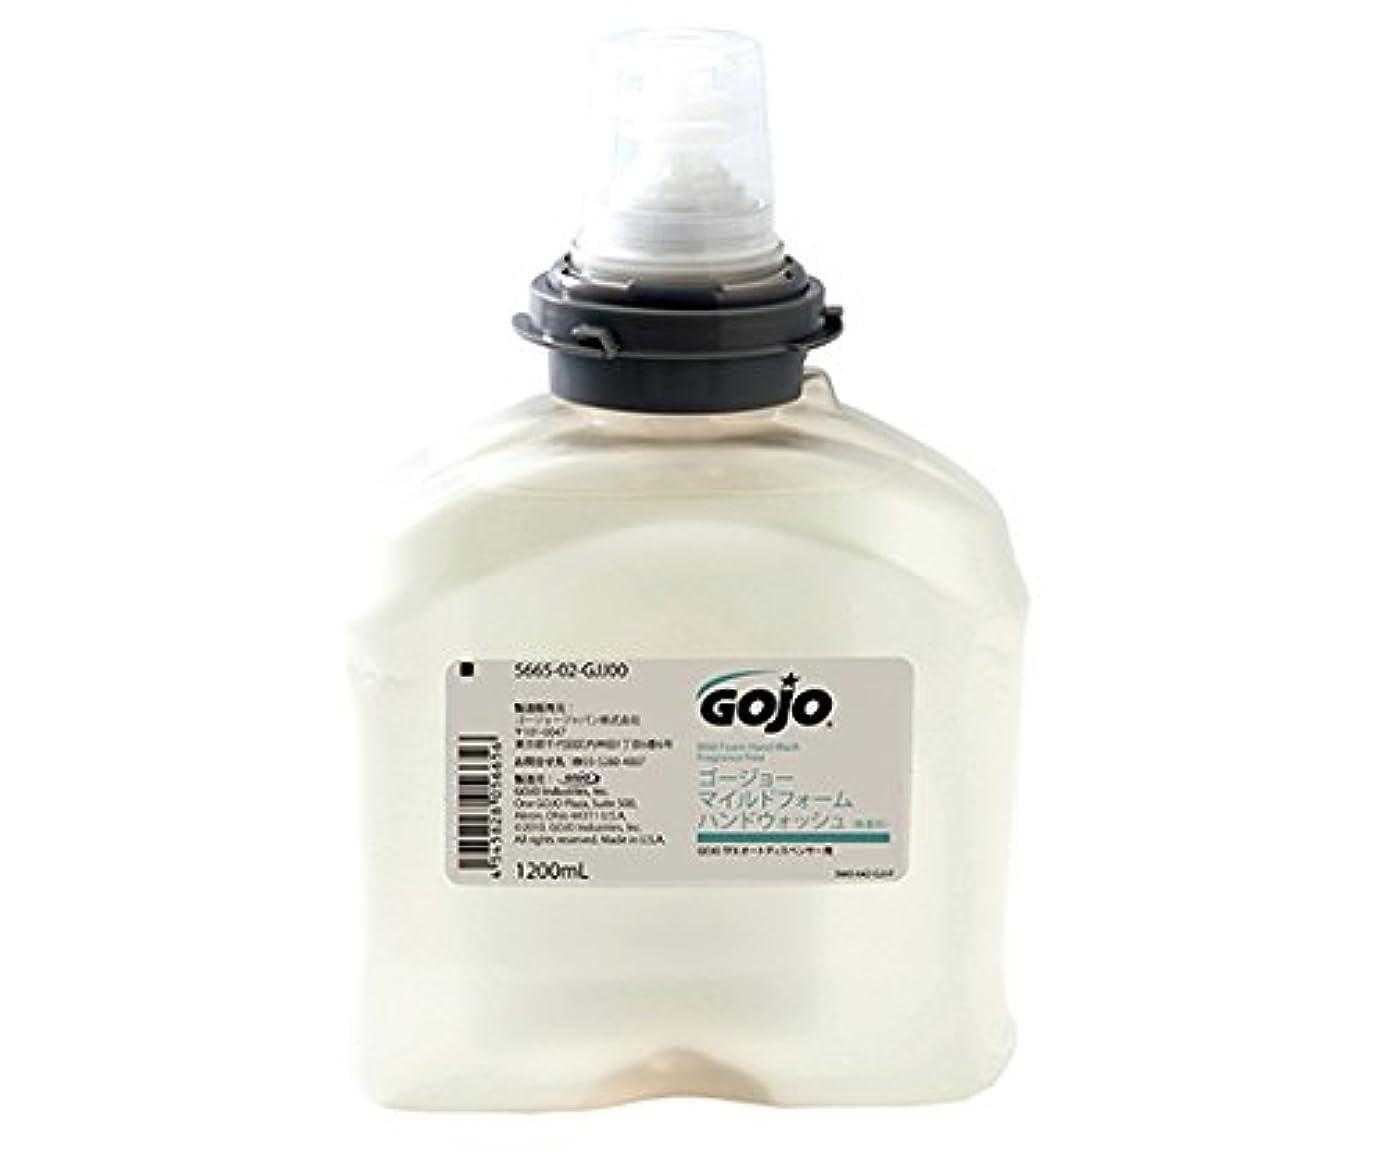 アルコーブ潜在的な膨張するGOJO7-3305-14TFXオートディスペンサーゴージョー専用ハンドソープ